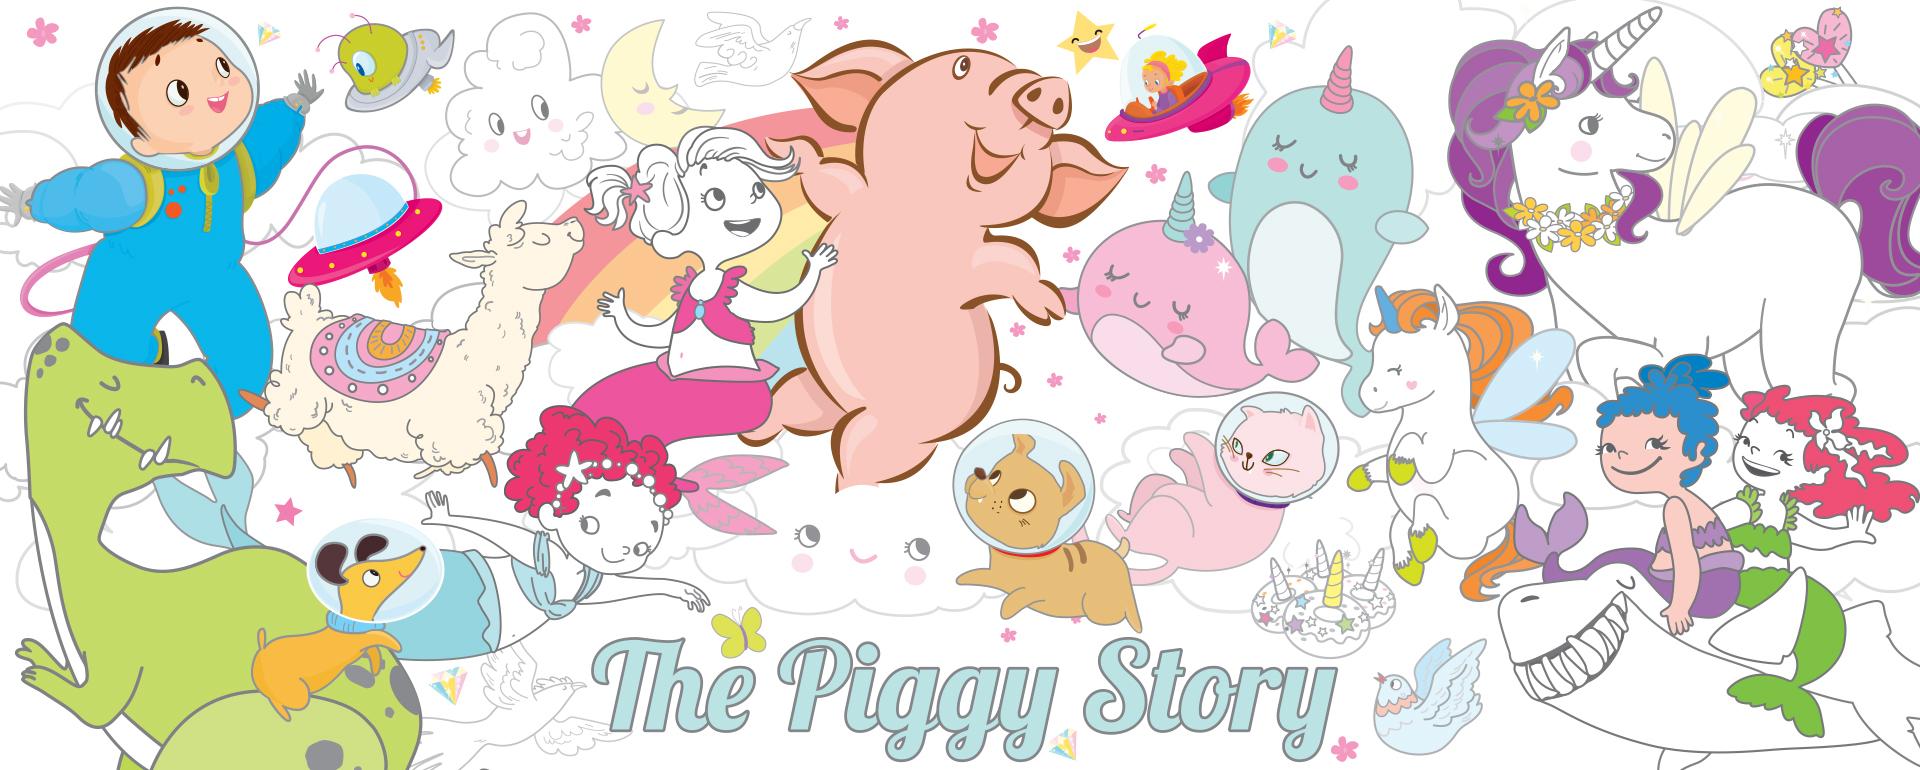 Visit https://thepiggystory.com to shop The Piggy Story